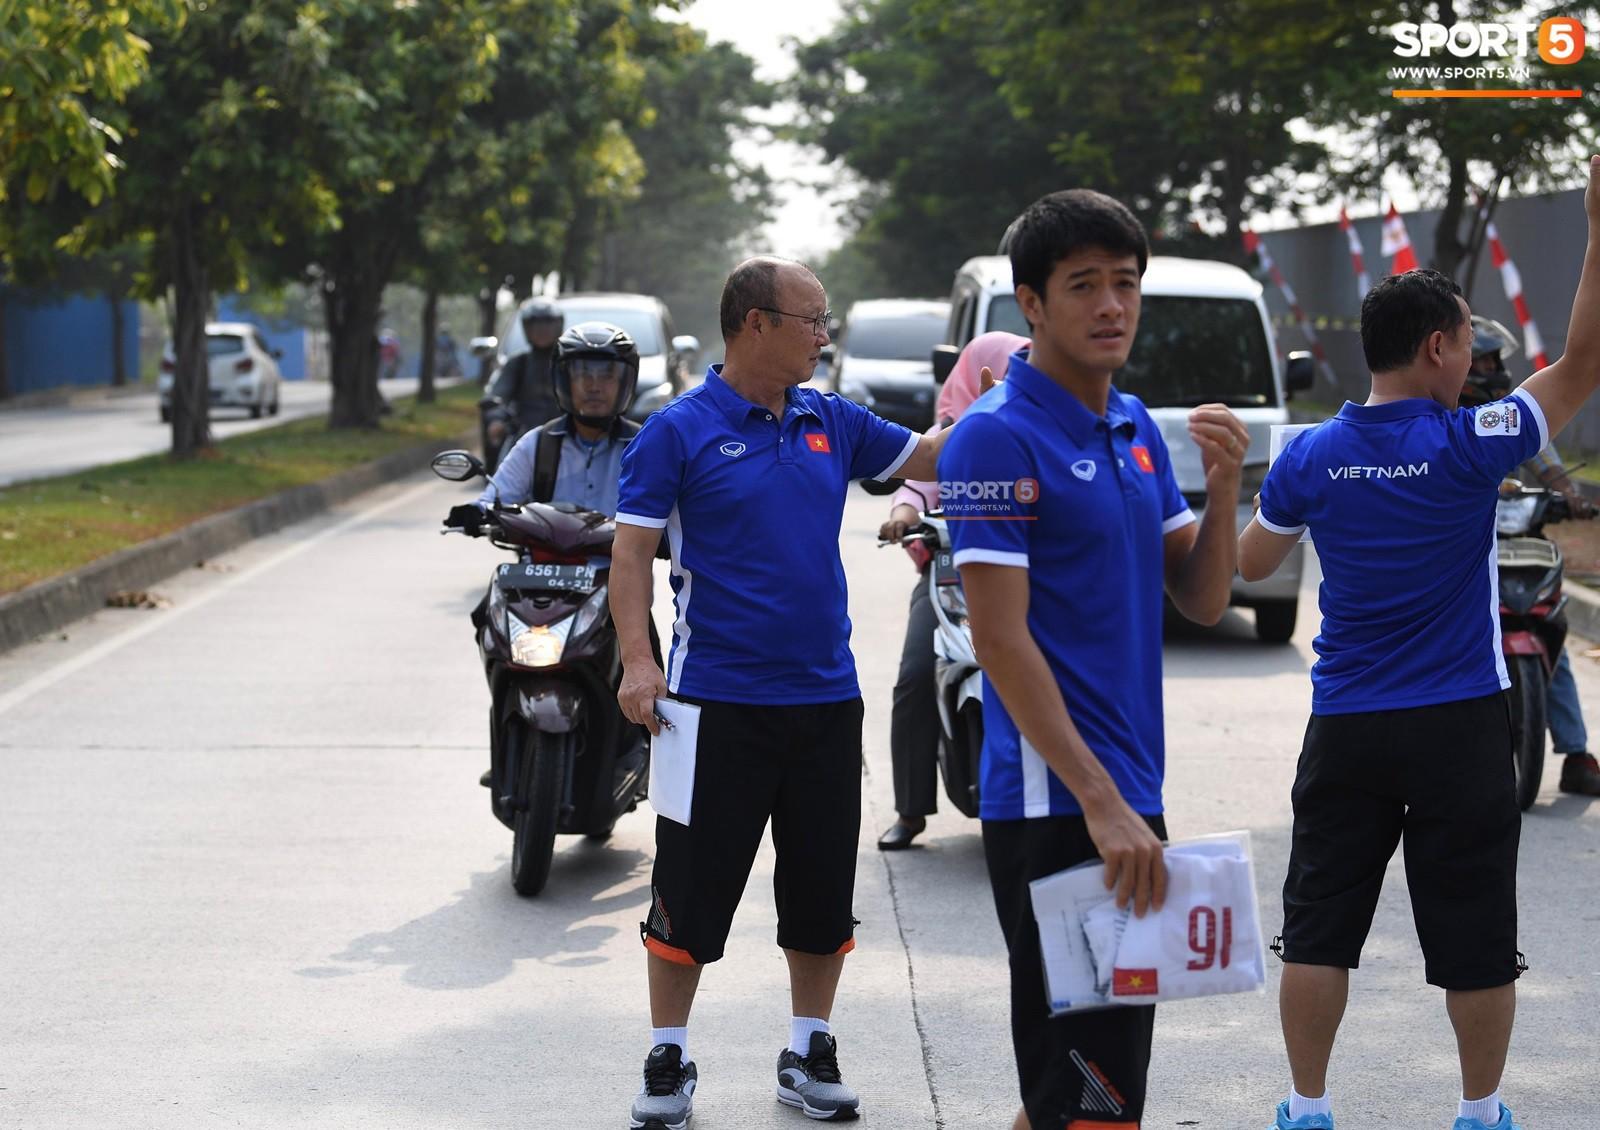 HLV Park Hang Seo cẩn thận cùng ban huấn luyện ngăn xe cho học trò băng qua đường tập luyện - Ảnh 5.